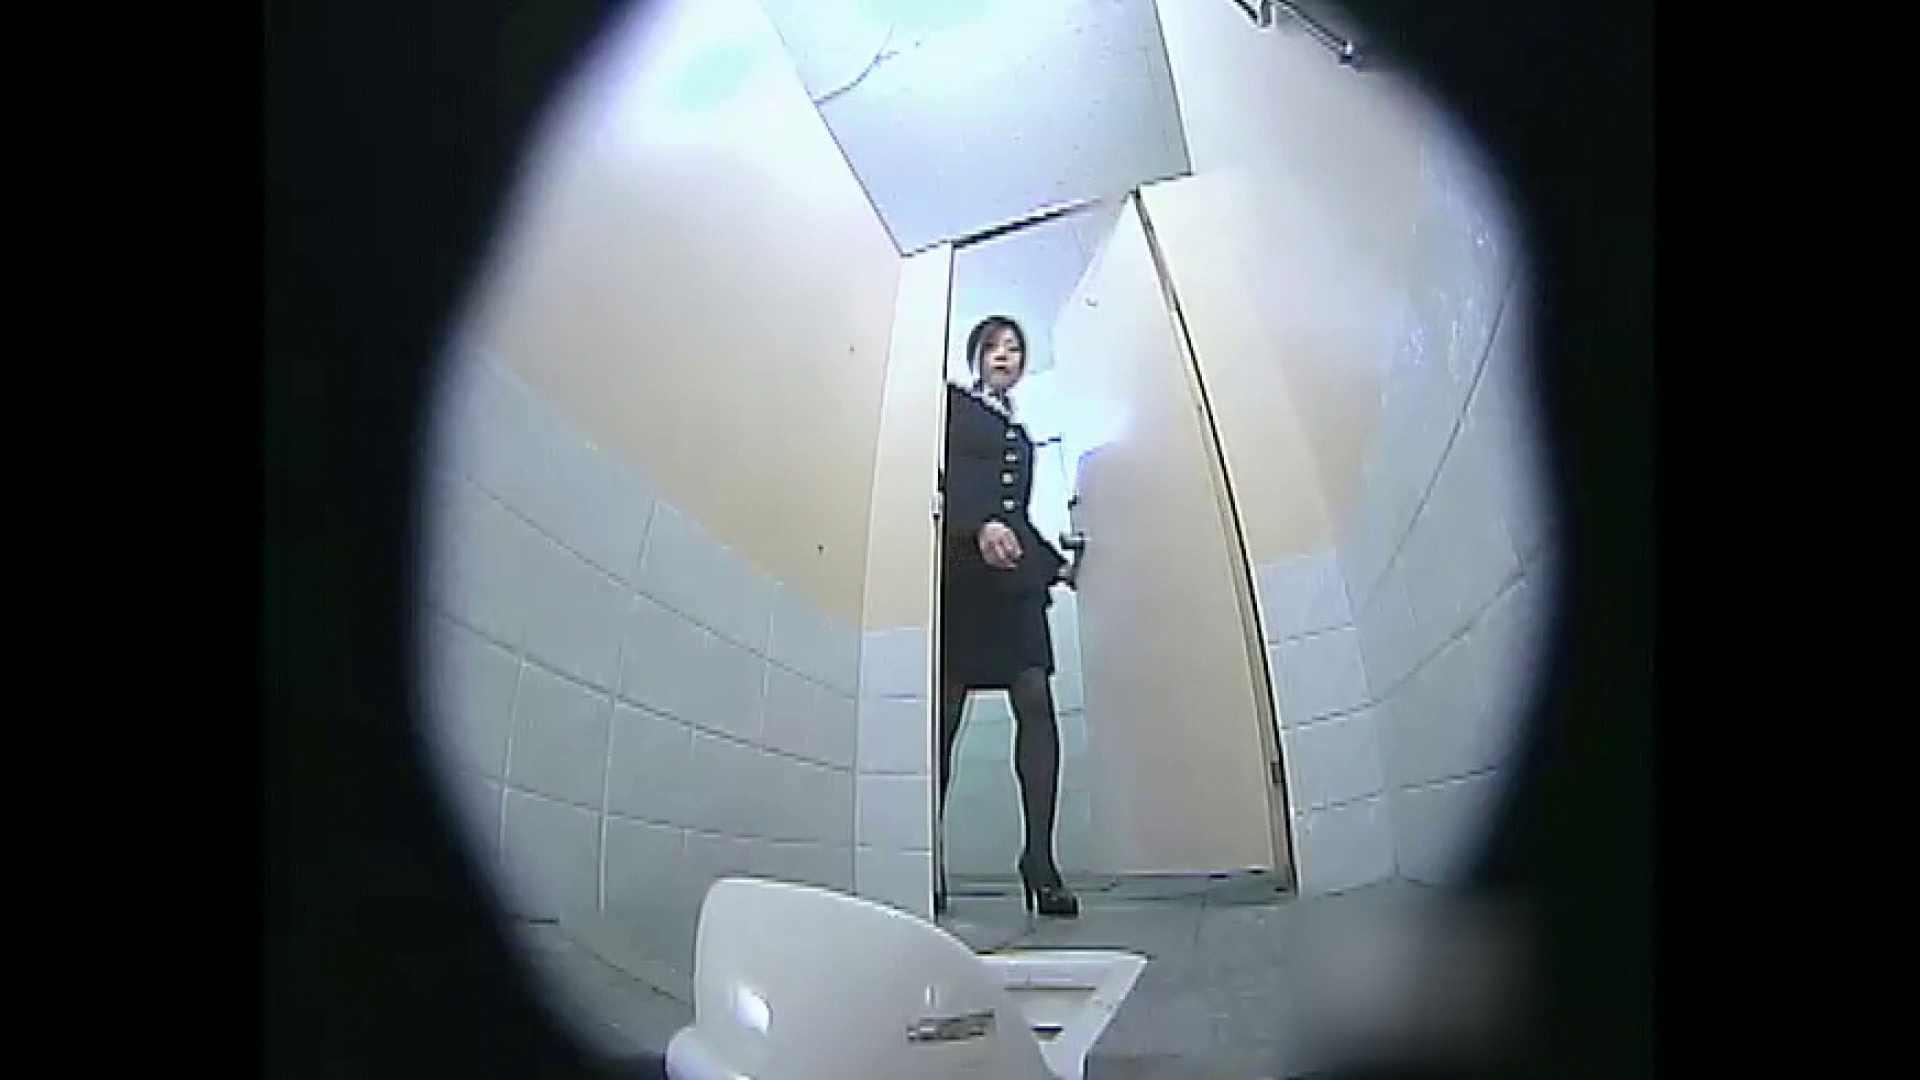 異業種交流会!!キャビンアテンダント編vol.02 オマンコギャル セックス無修正動画無料 98連発 5